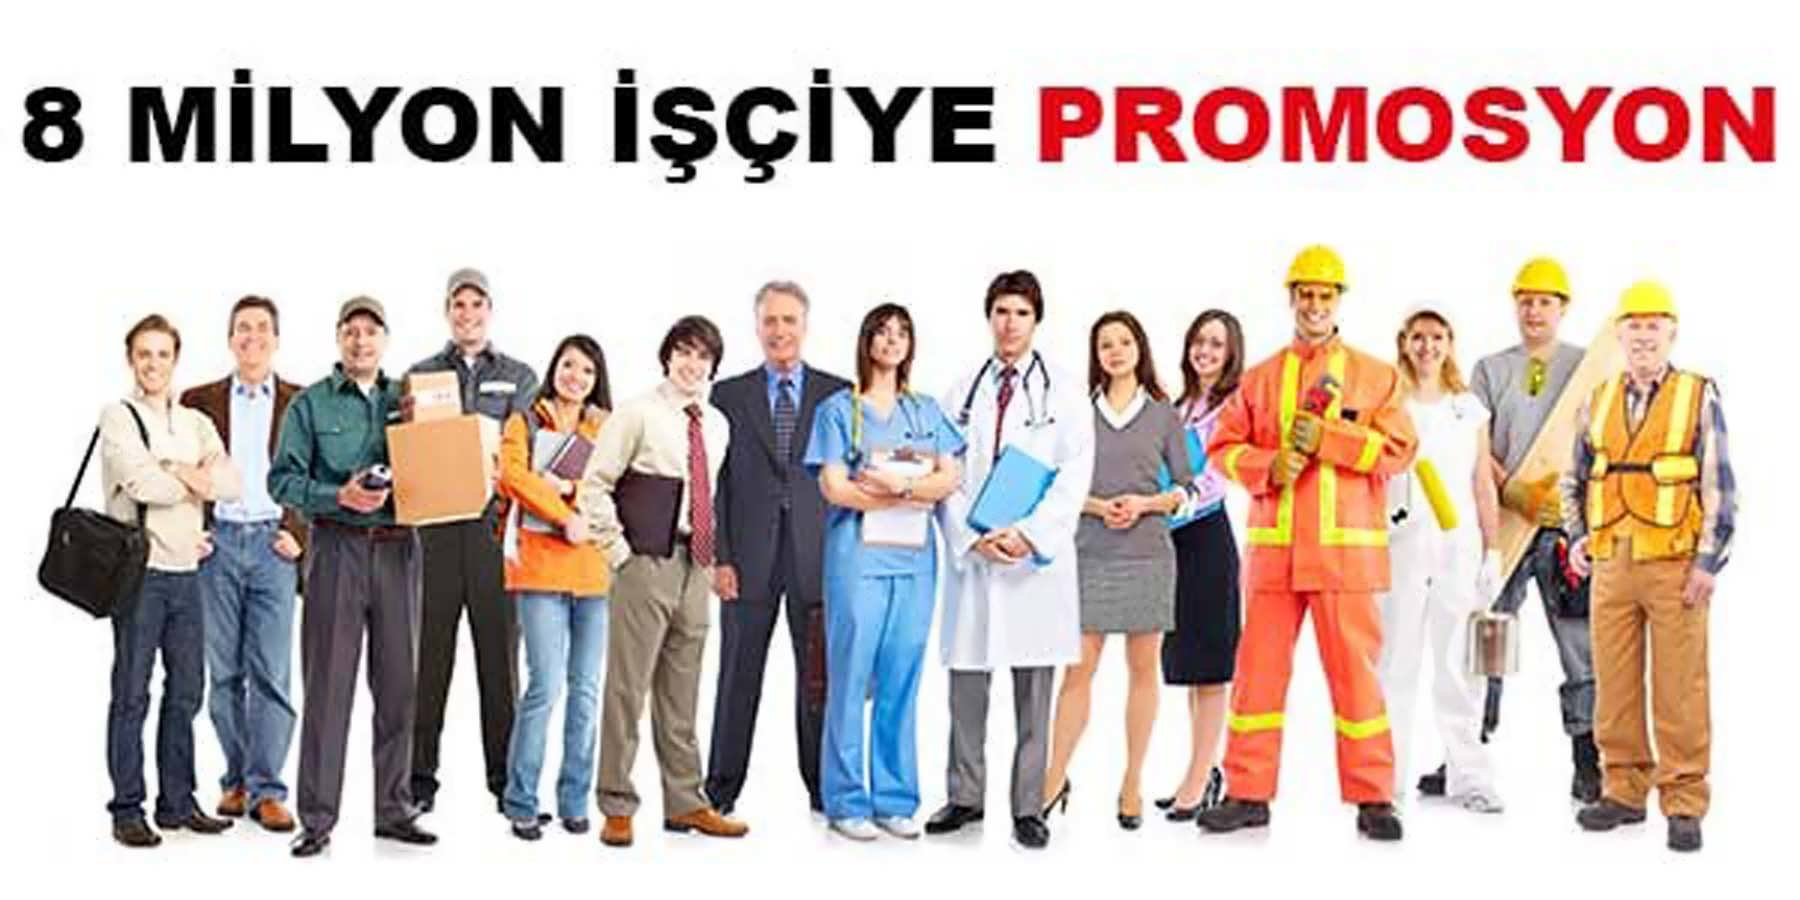 Hükümetten 8 Milyon İşçiye Promosyon Müjdesi